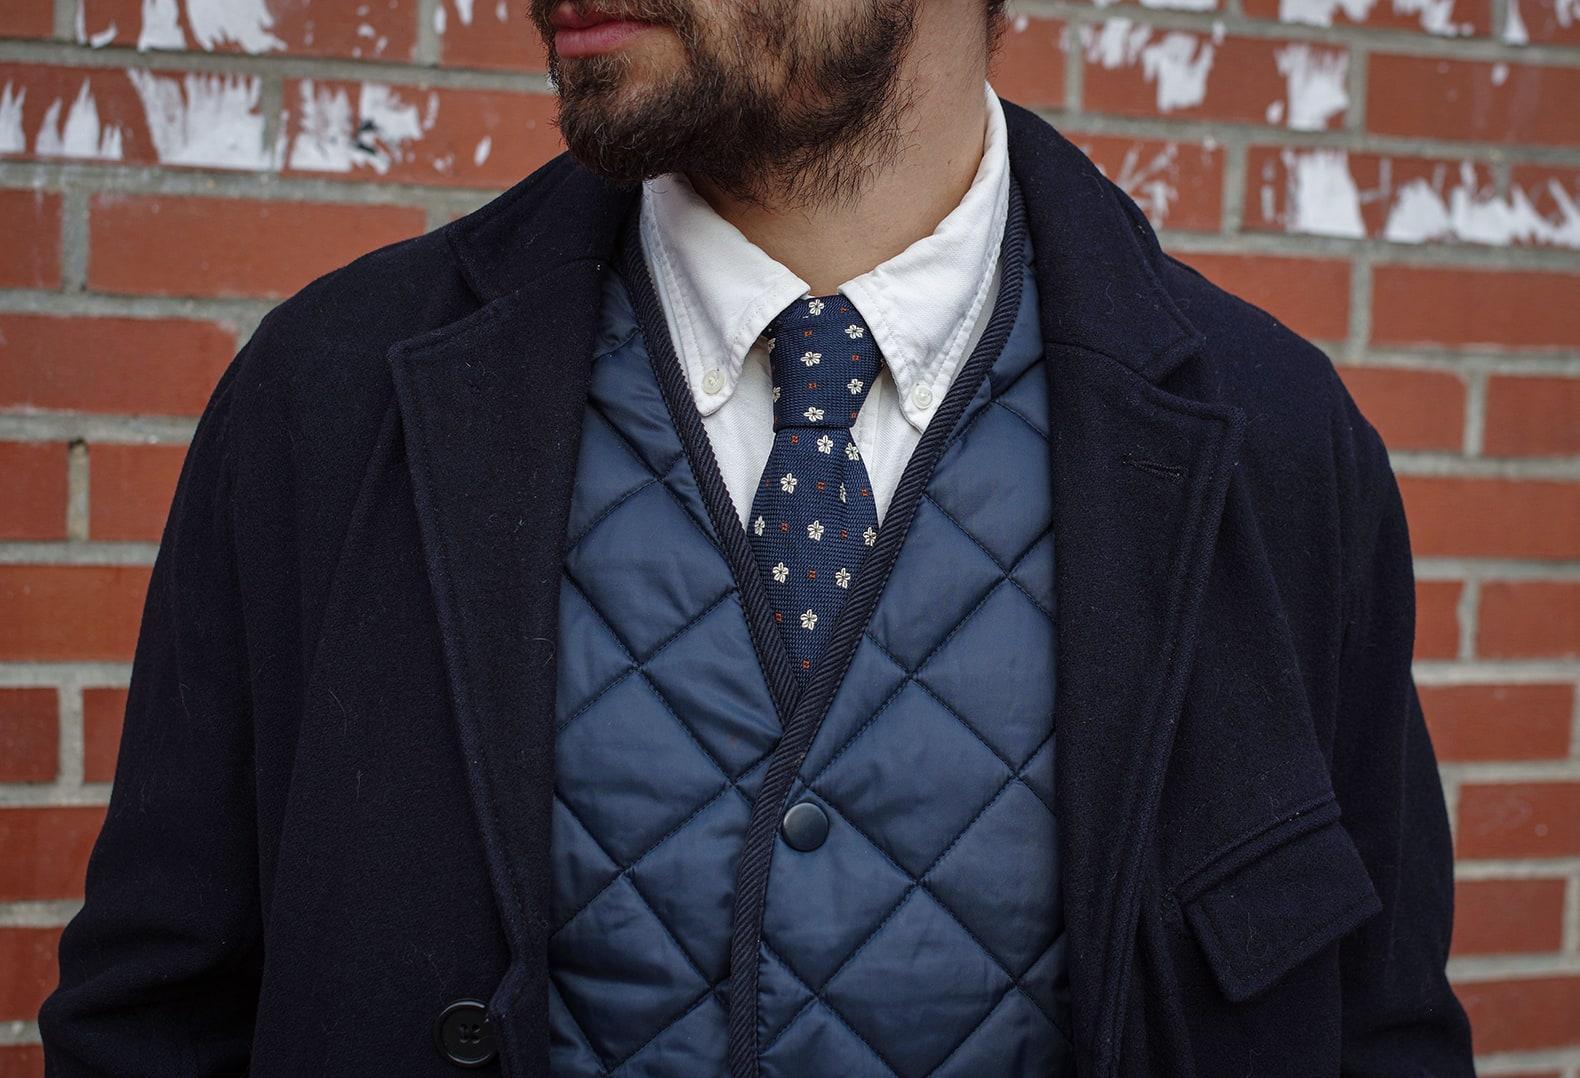 layering élégant avec cravate soie motif gilet matelassé type barbour et manteau militaire